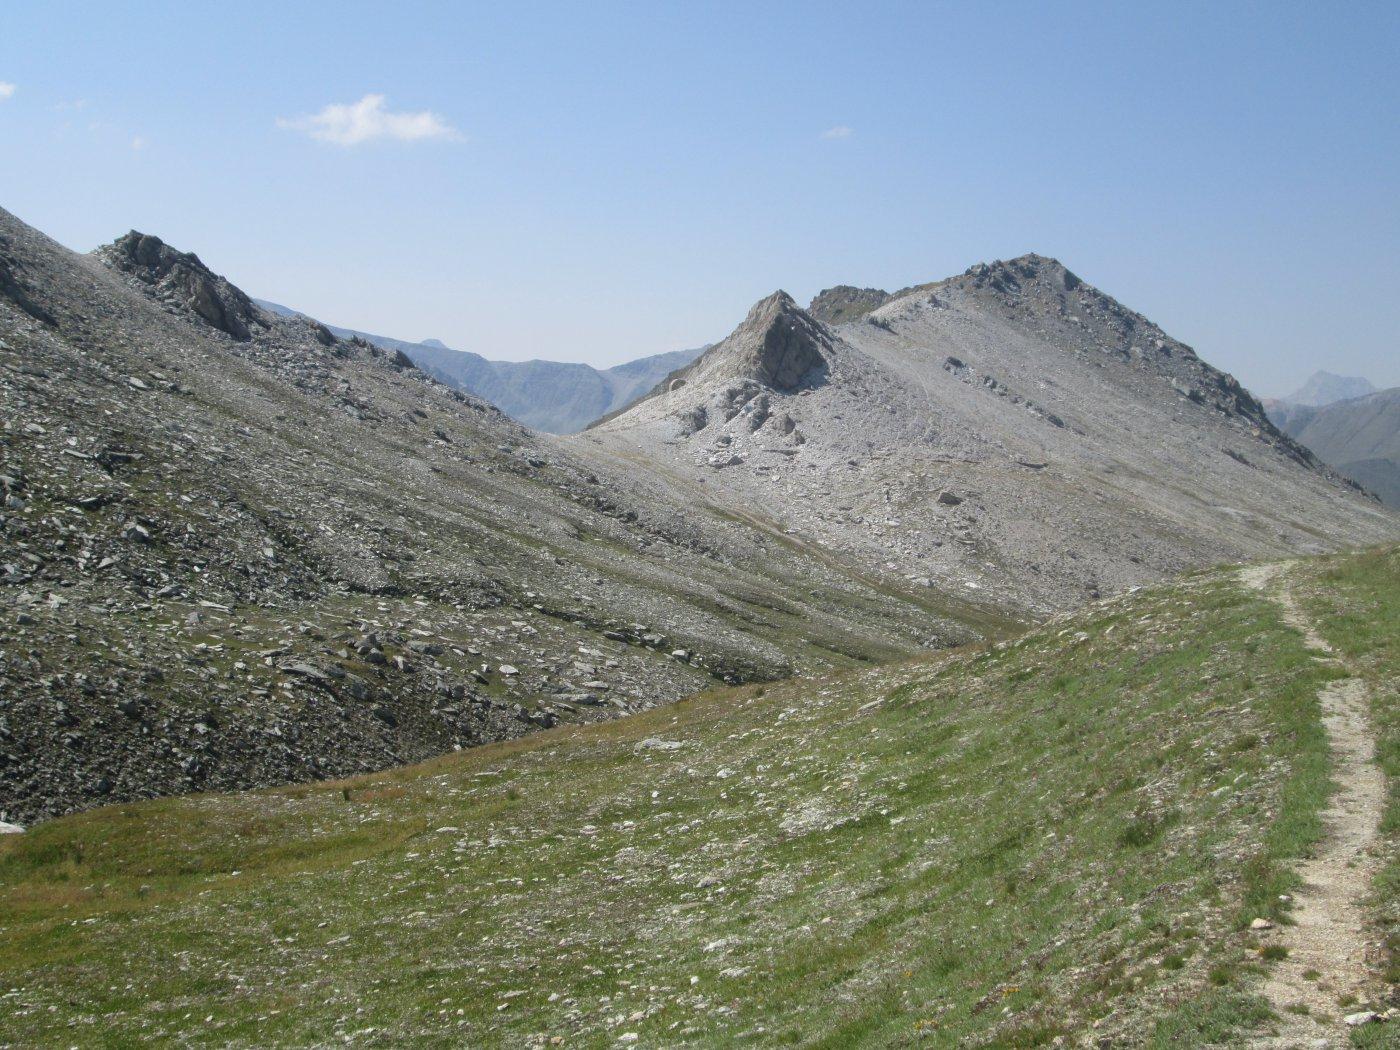 Colle di Reisassetto e monte Pertia